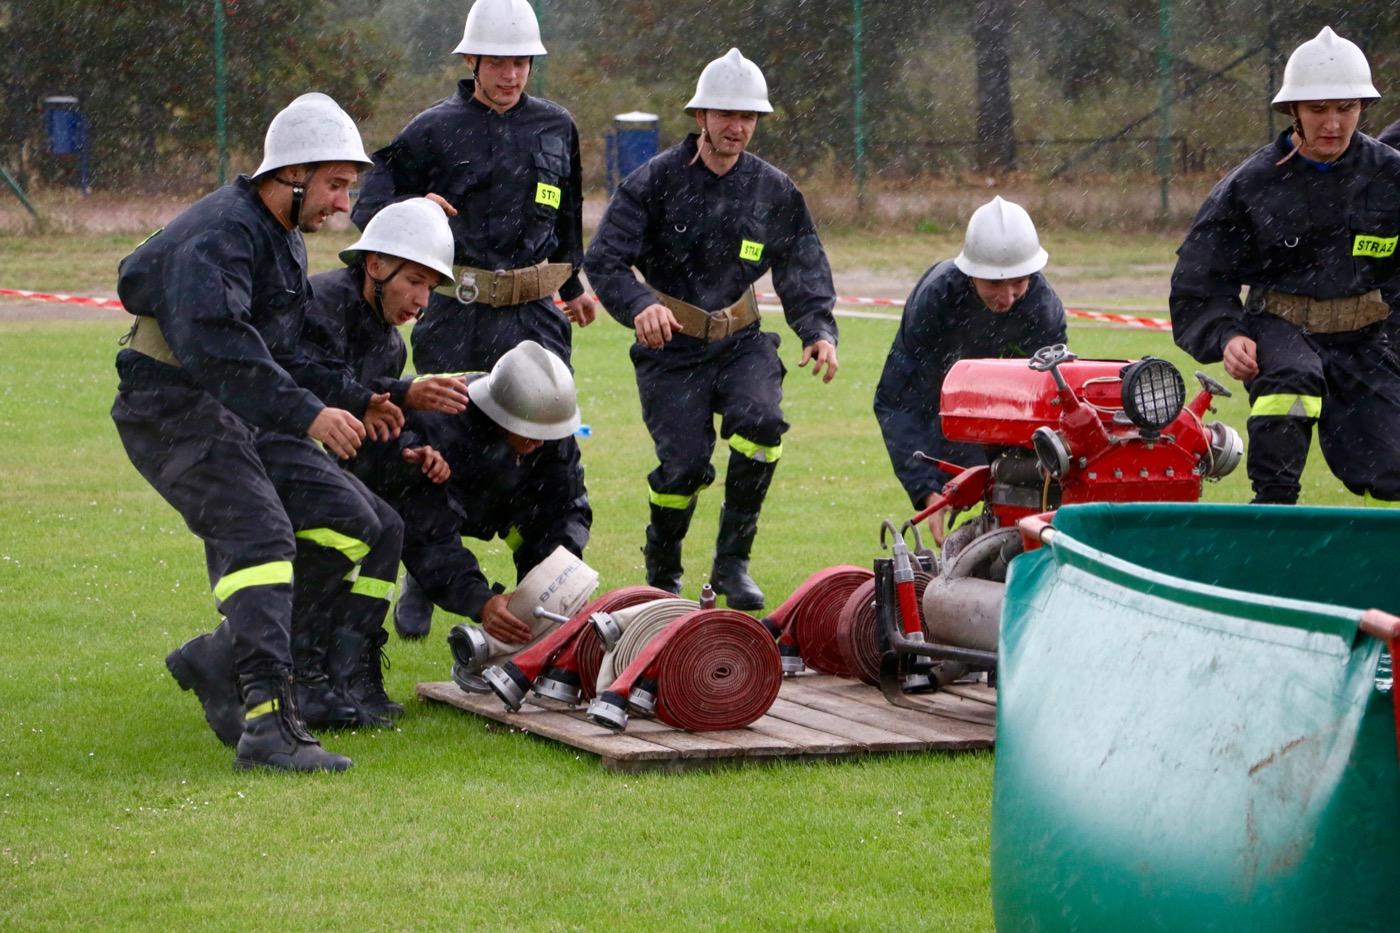 Gminne zawody sportowo-pożarnicze w Pajęcznie